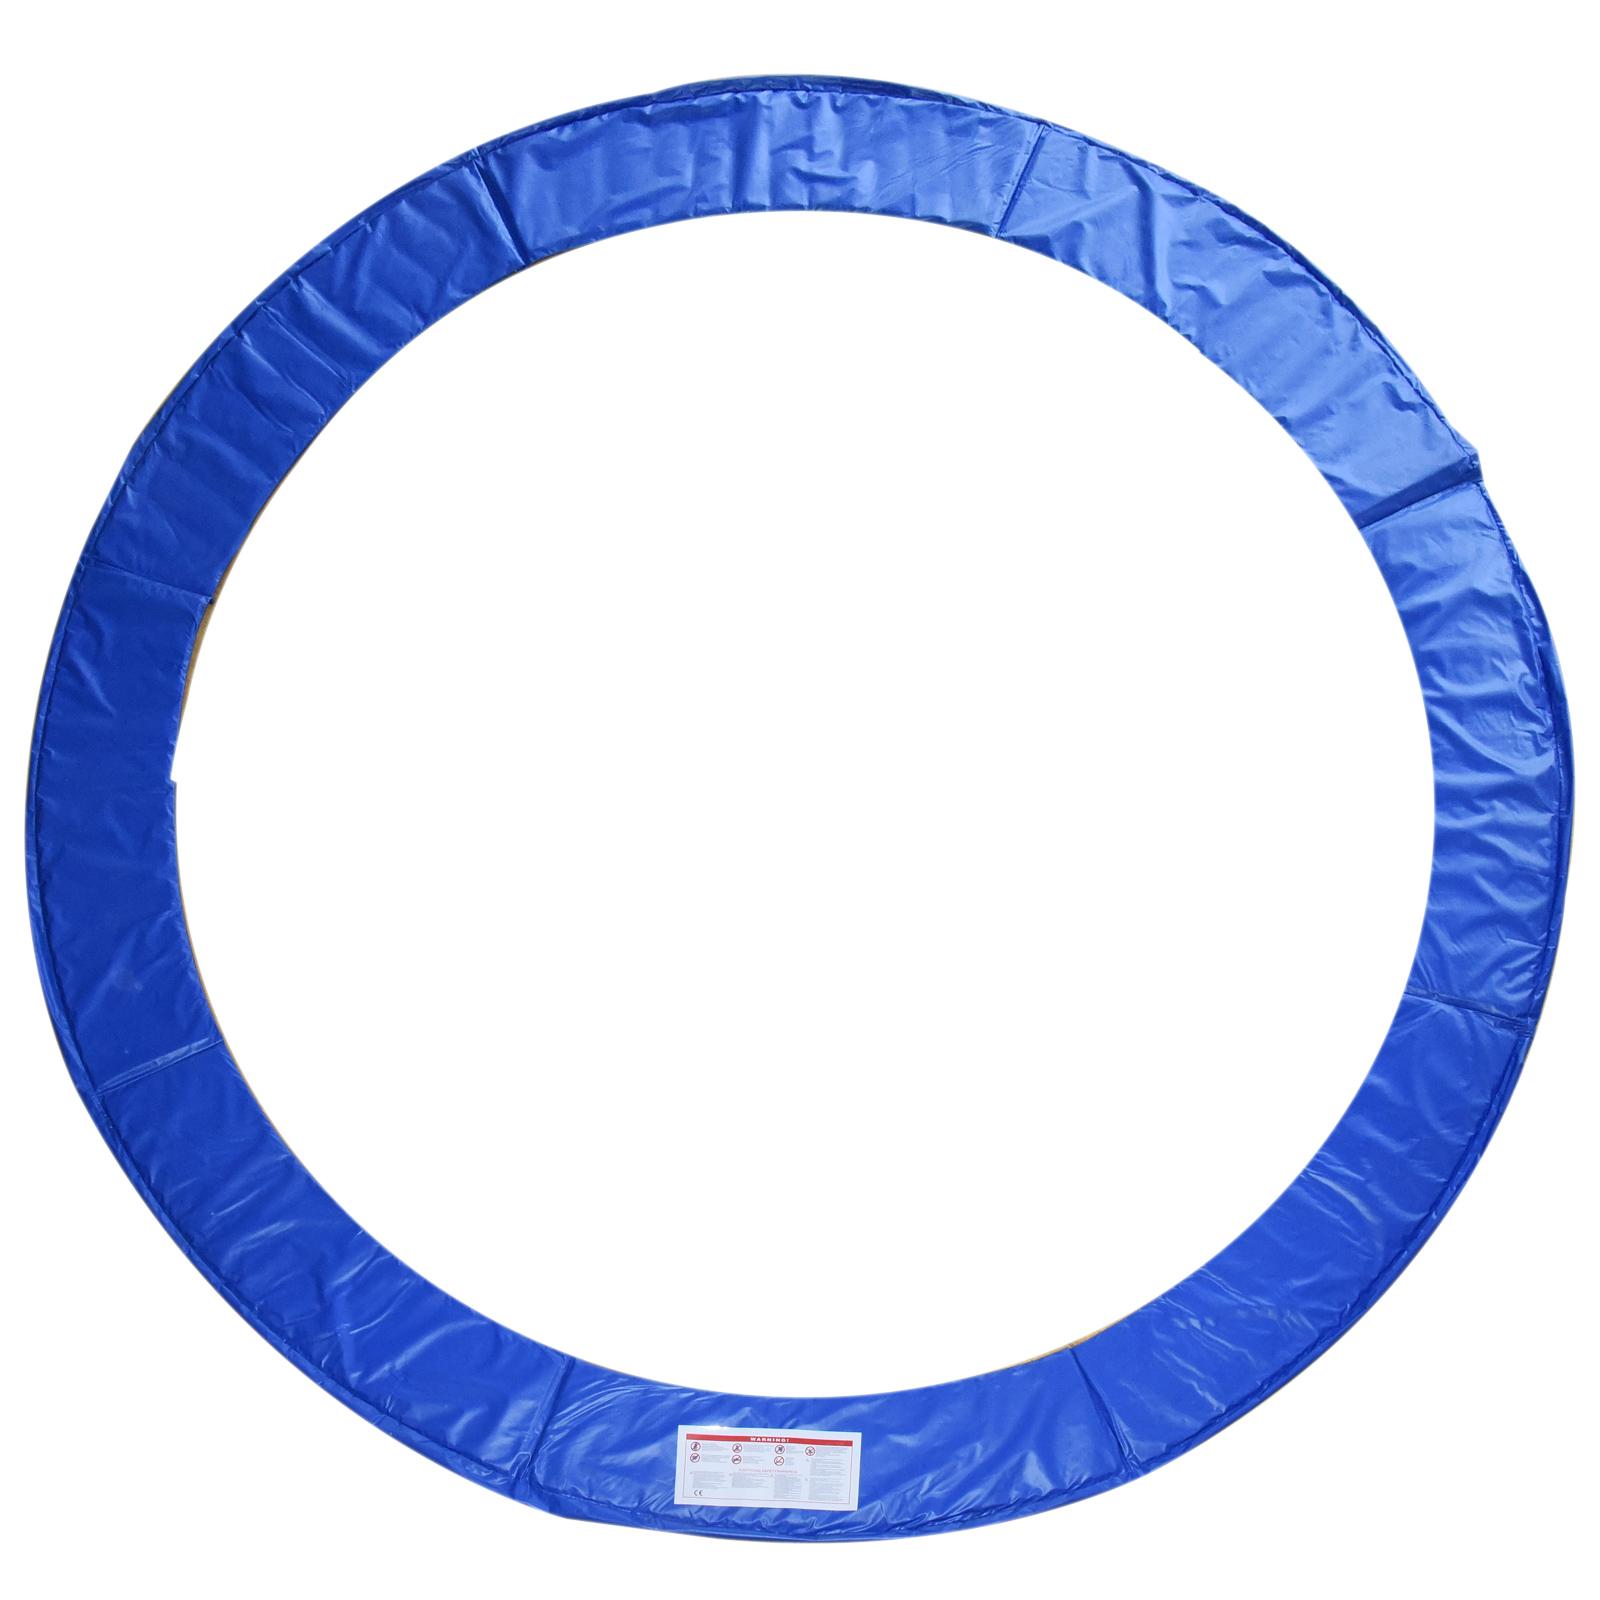 Cubierta-Protectora-para-Borde-de-Cama-Elastica-Trampolin-3-Medidas-Opcionales miniatura 3